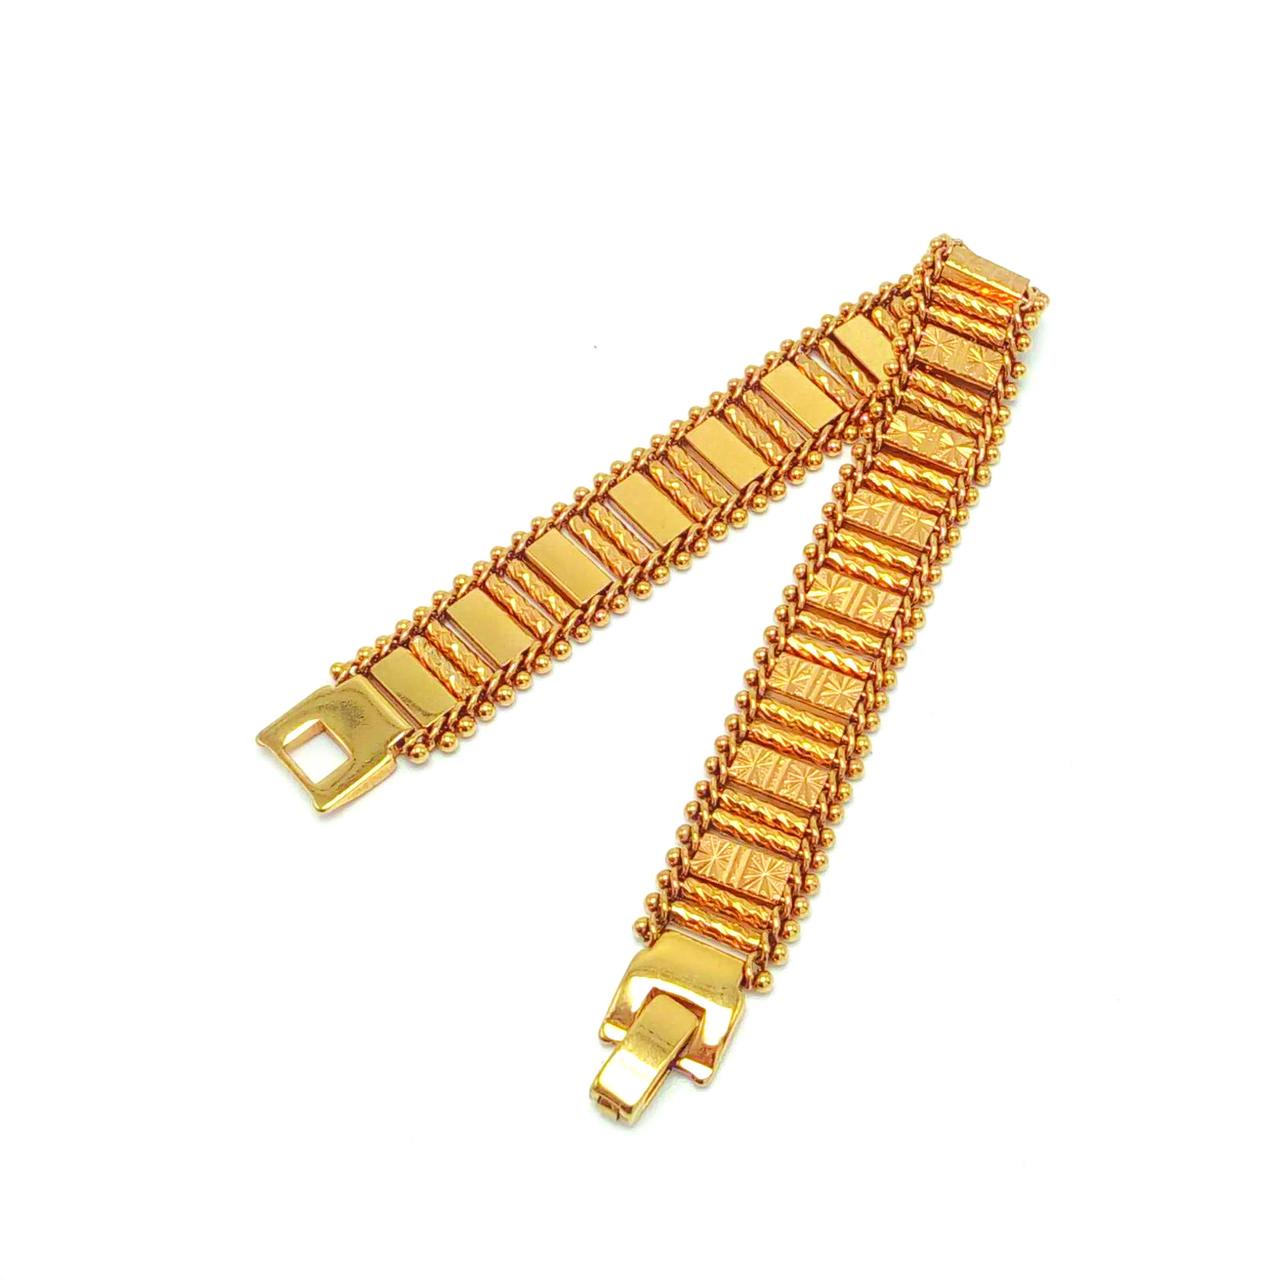 Широкий позолоченный браслет необычного плетения, фото 1